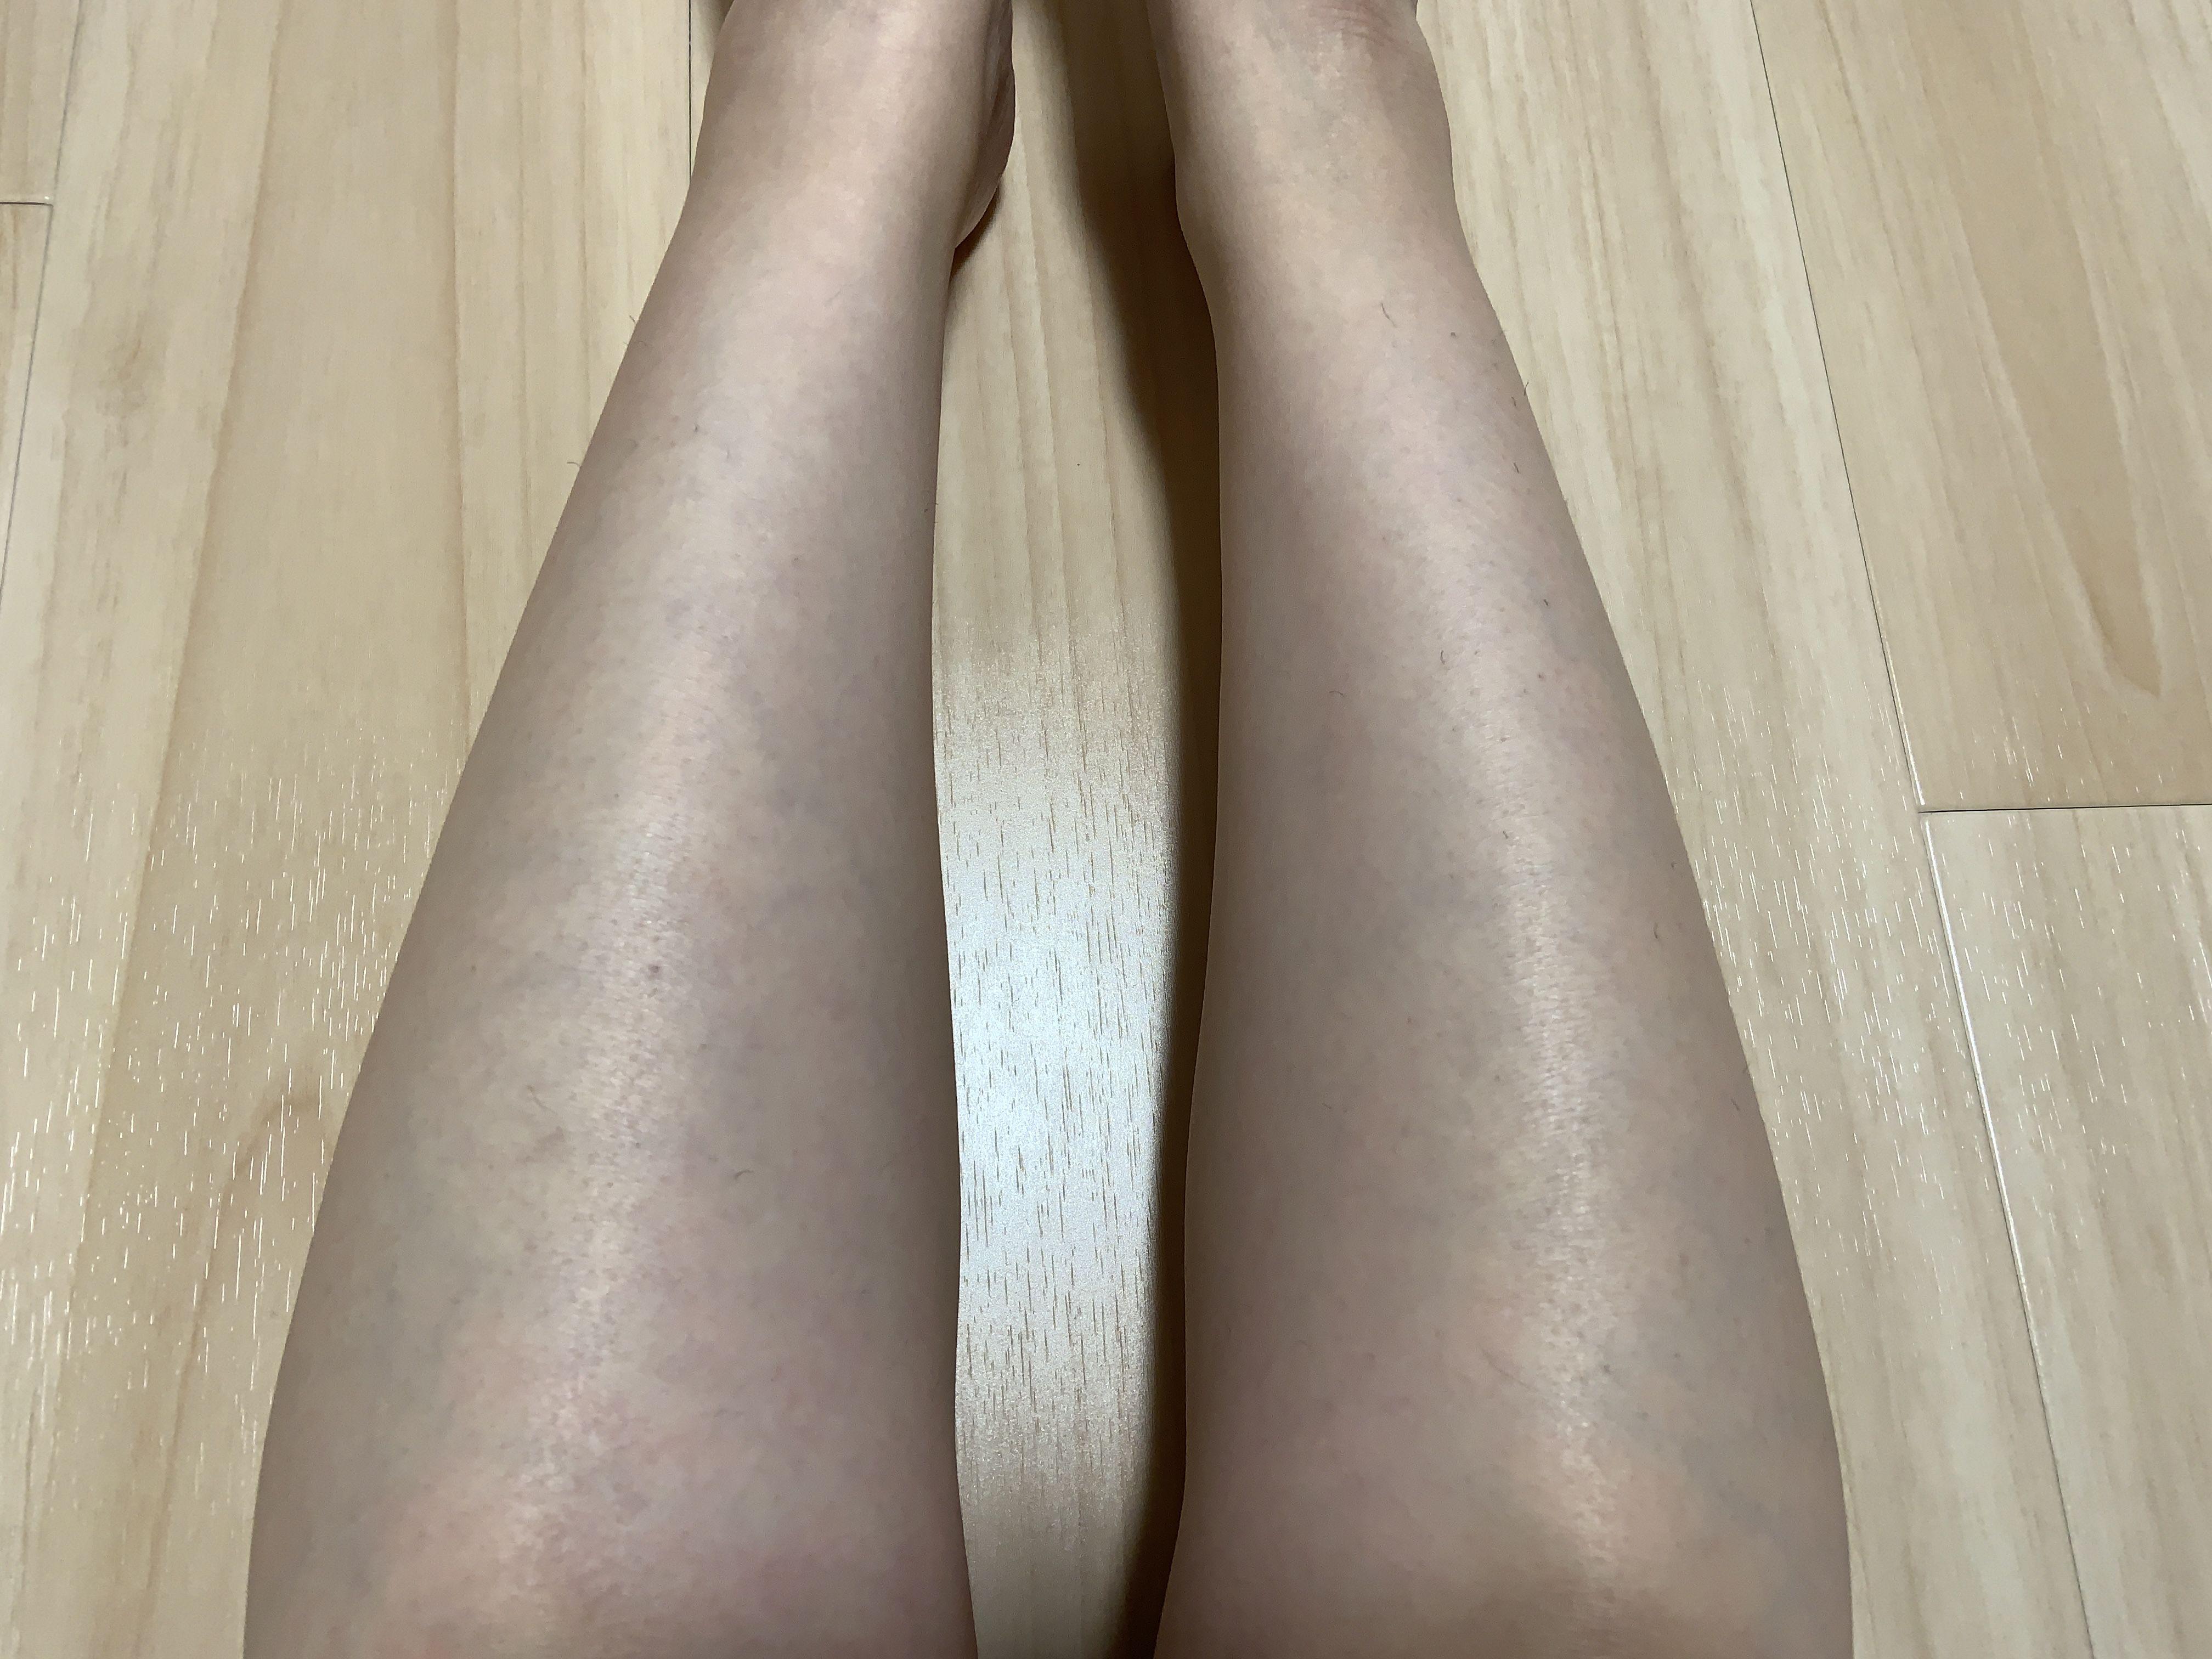 普通の女の子のスネ毛抜き-スマホ自撮り◎あんな(26歳)OL サンプル画像03